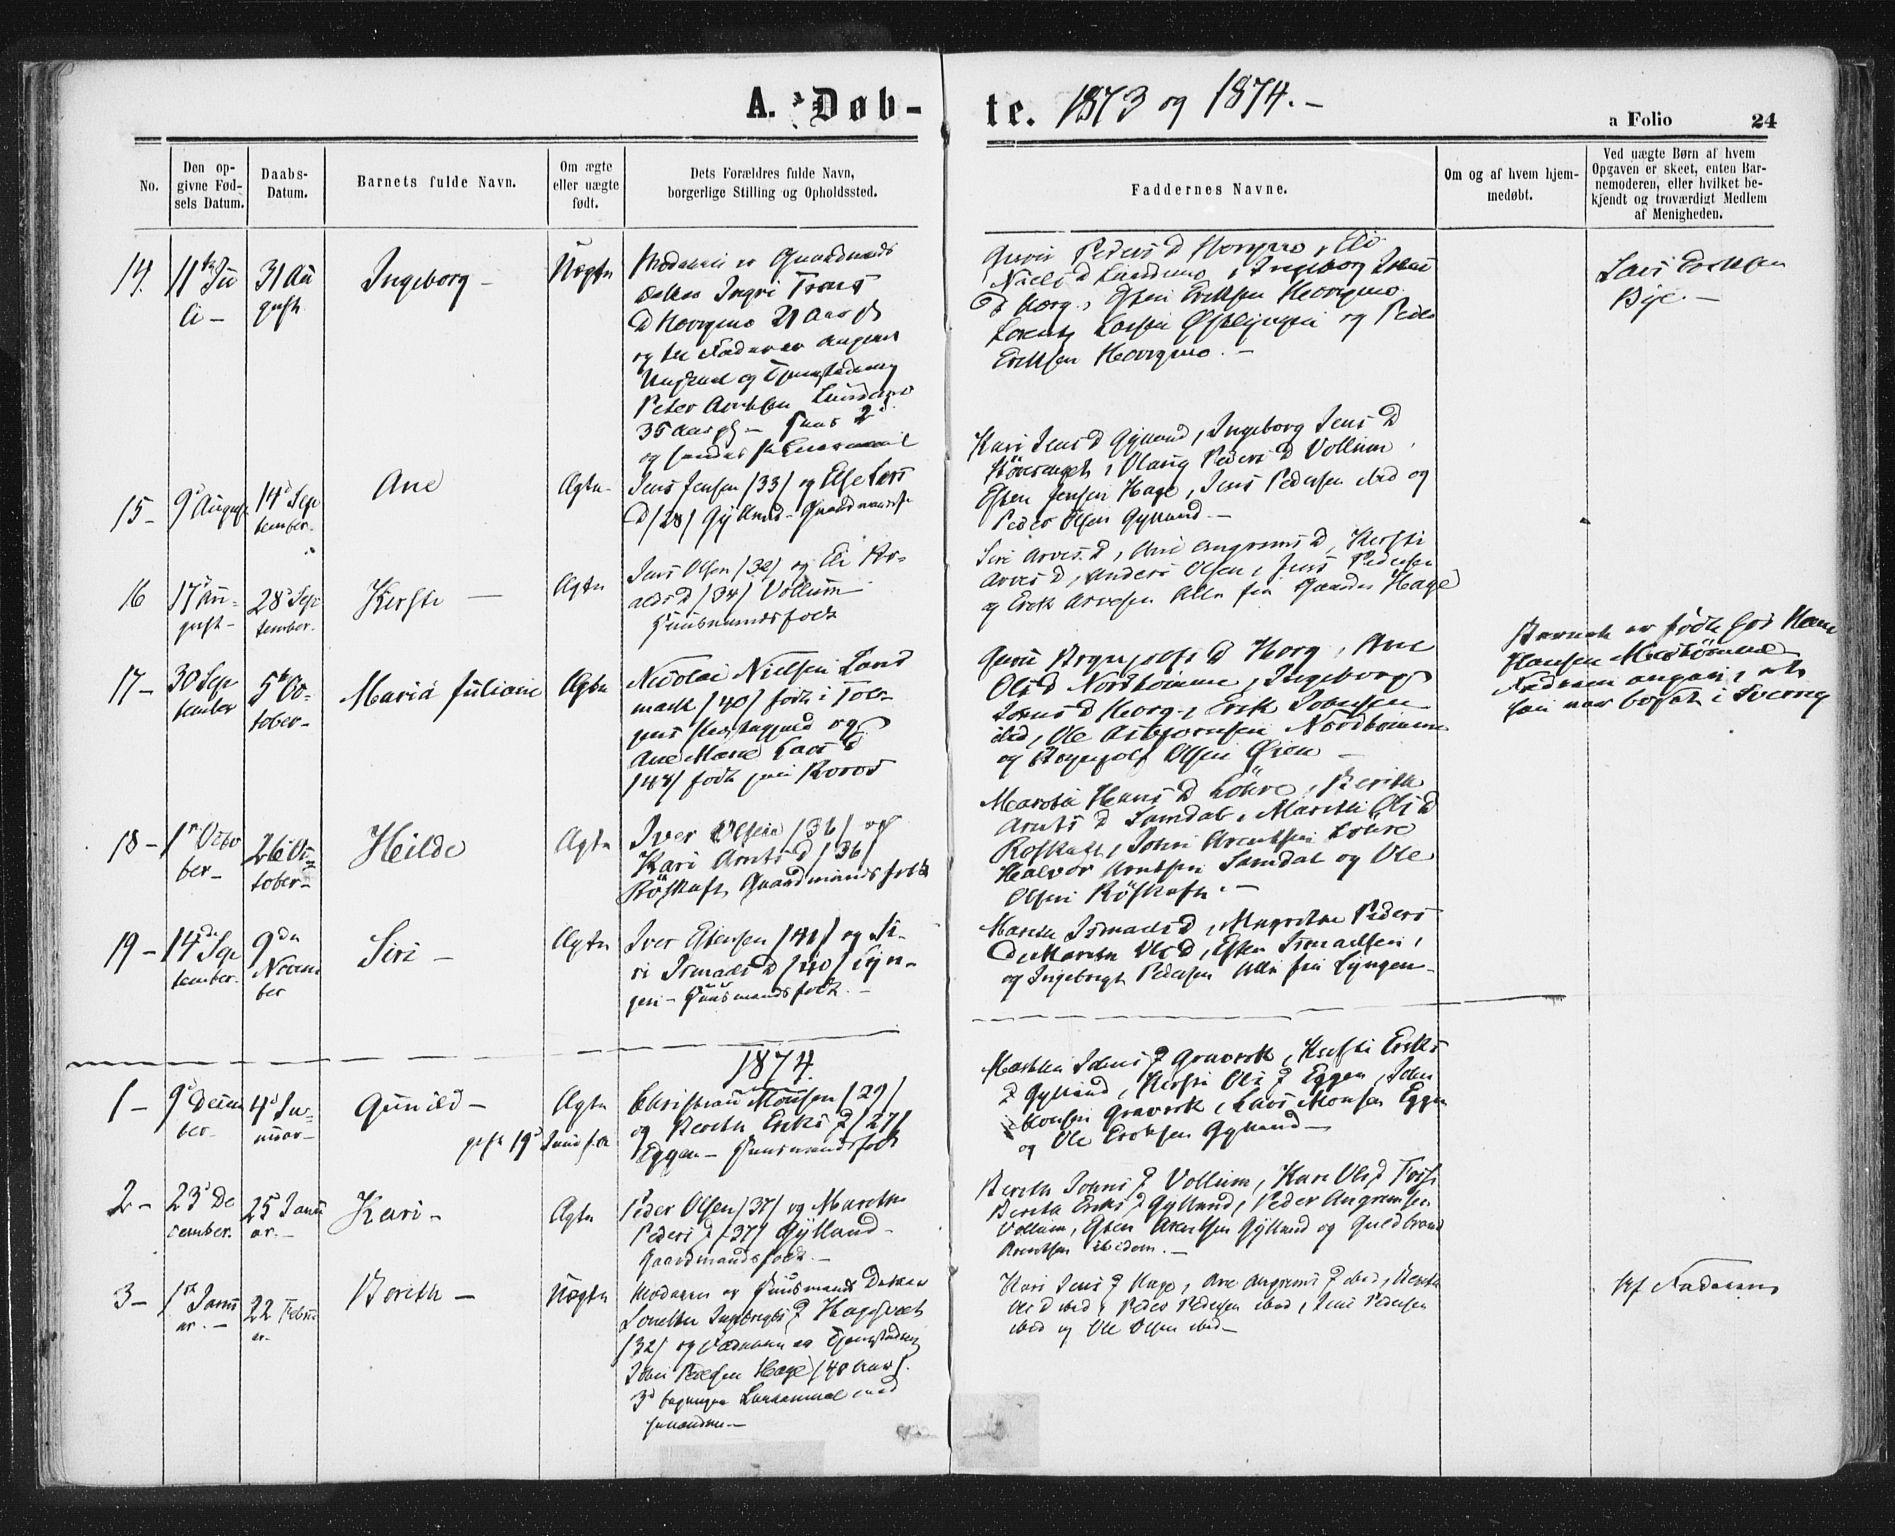 SAT, Ministerialprotokoller, klokkerbøker og fødselsregistre - Sør-Trøndelag, 692/L1104: Ministerialbok nr. 692A04, 1862-1878, s. 24